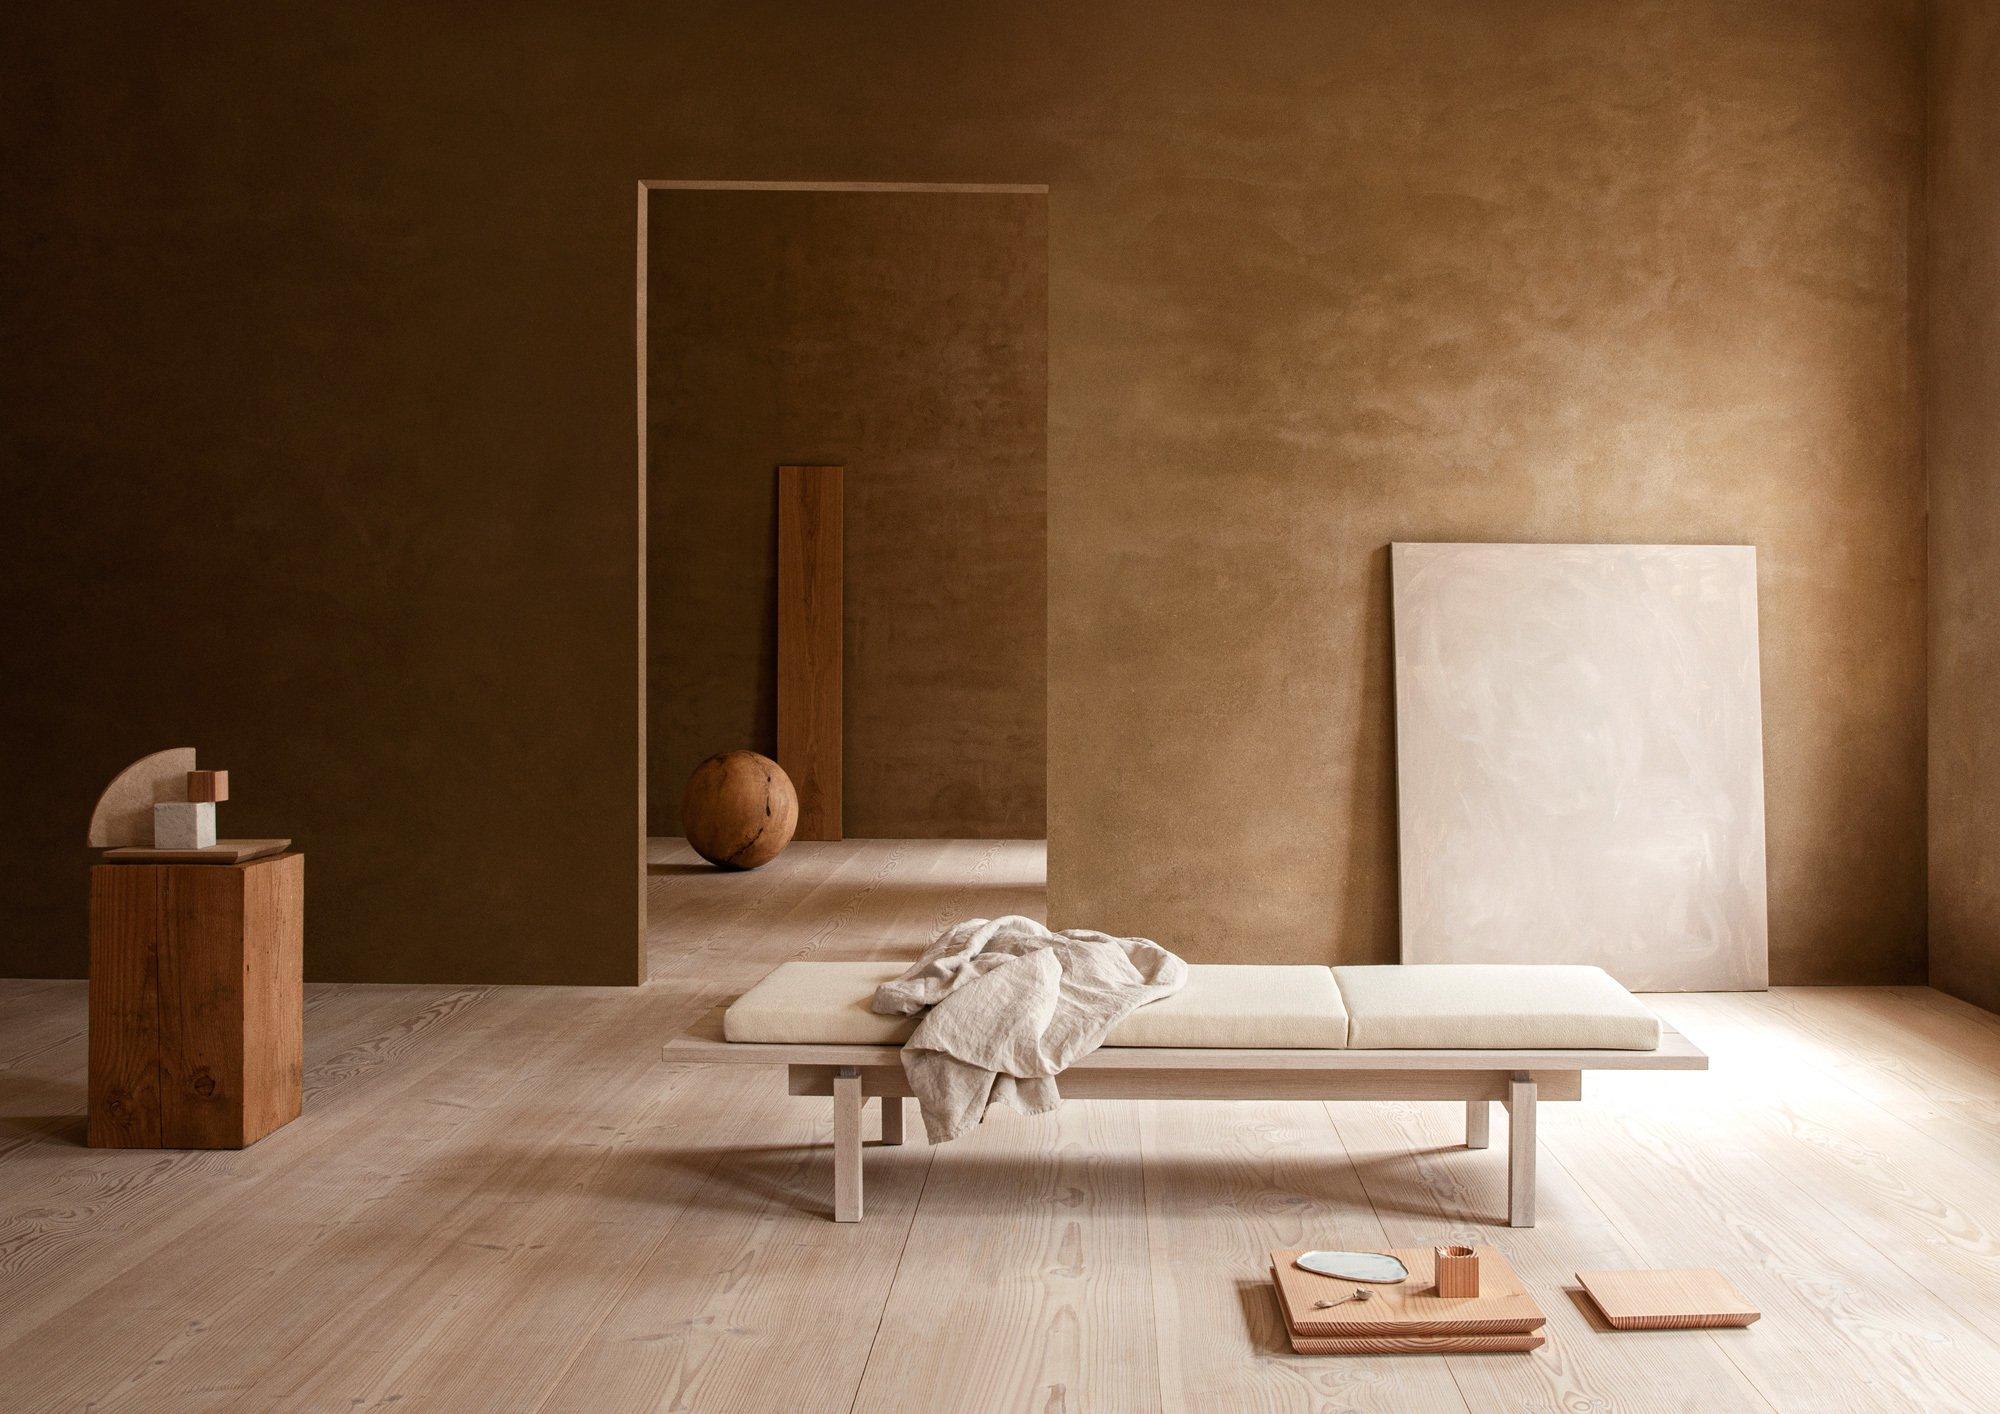 Dinesen hat während 3 Days of Design eine Möbelkollektion gelauncht, hier ein Daybed aus Eichenholz. Foto: Jonas Bjerre Poulsen